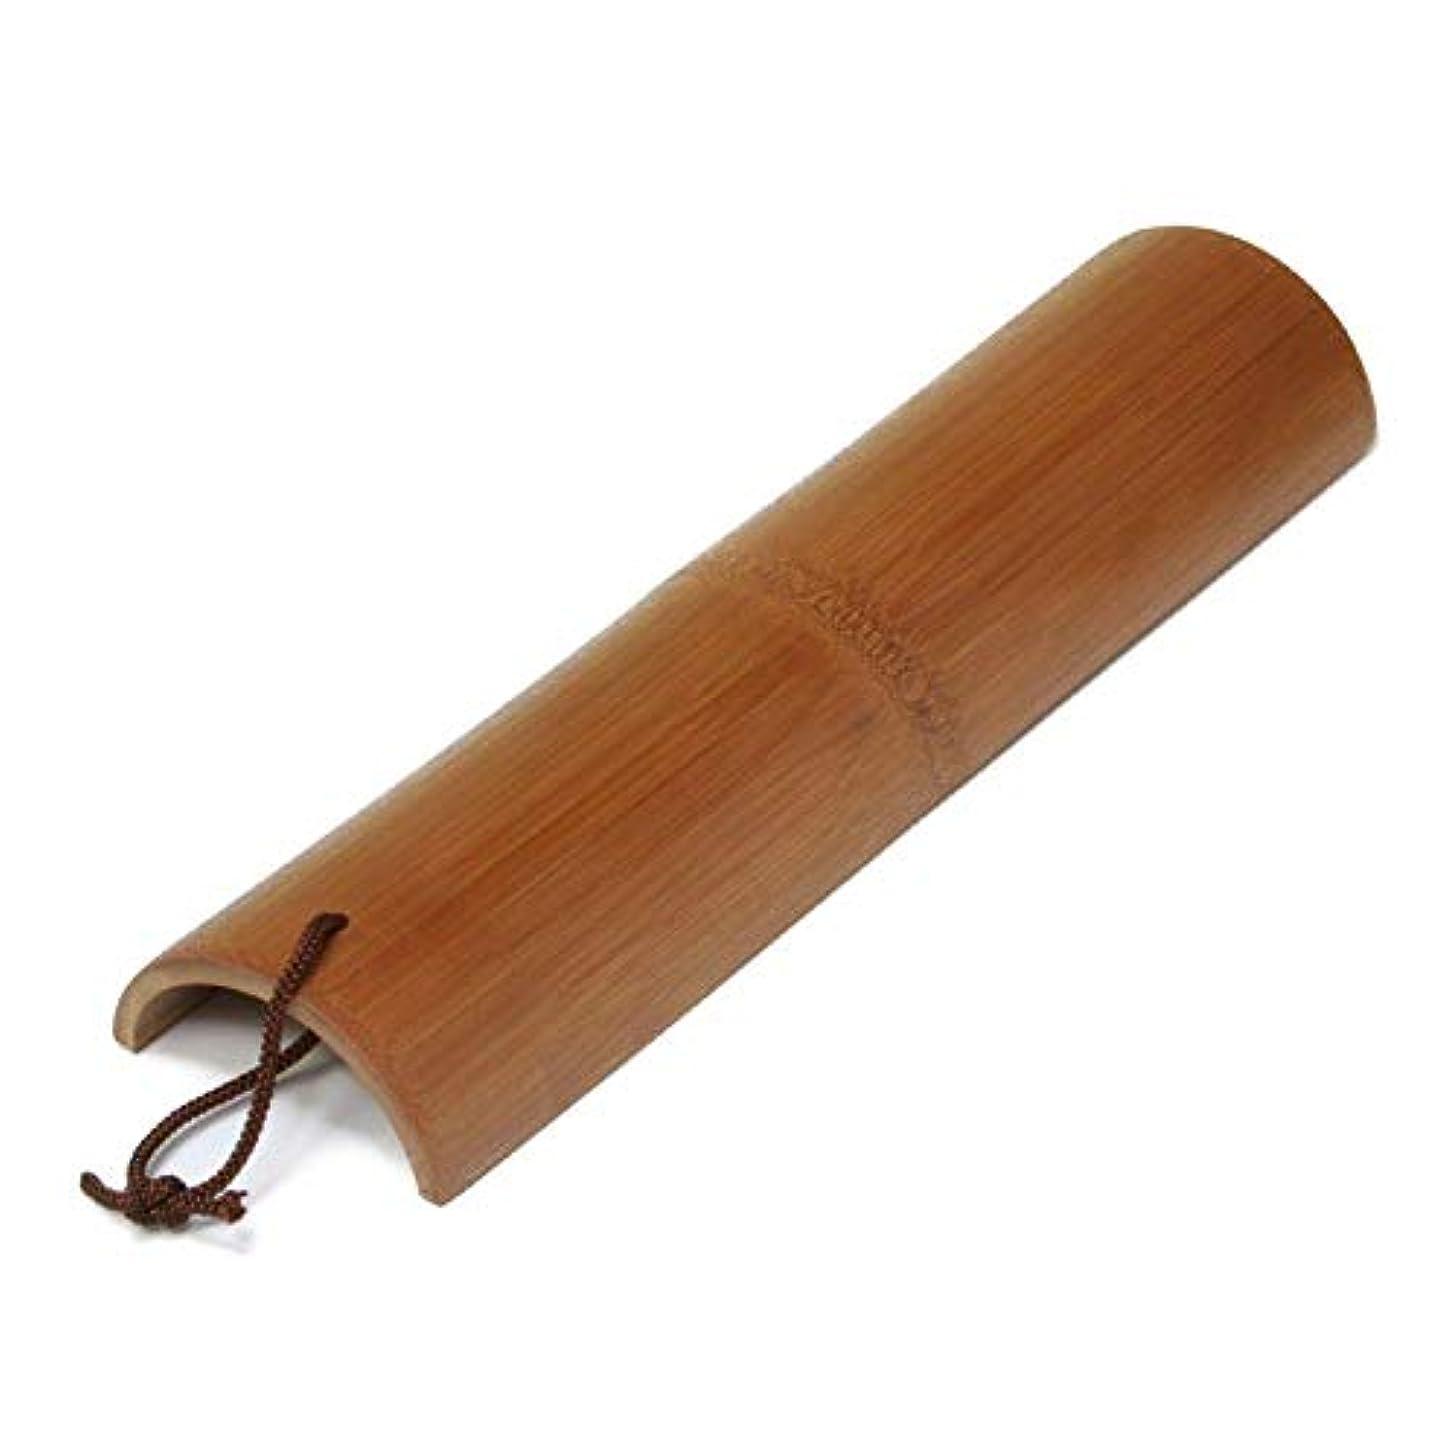 勃起どこにも現れる炭化竹製「大判?踏み竹」 「竹の本場?大分県」よりお届けします